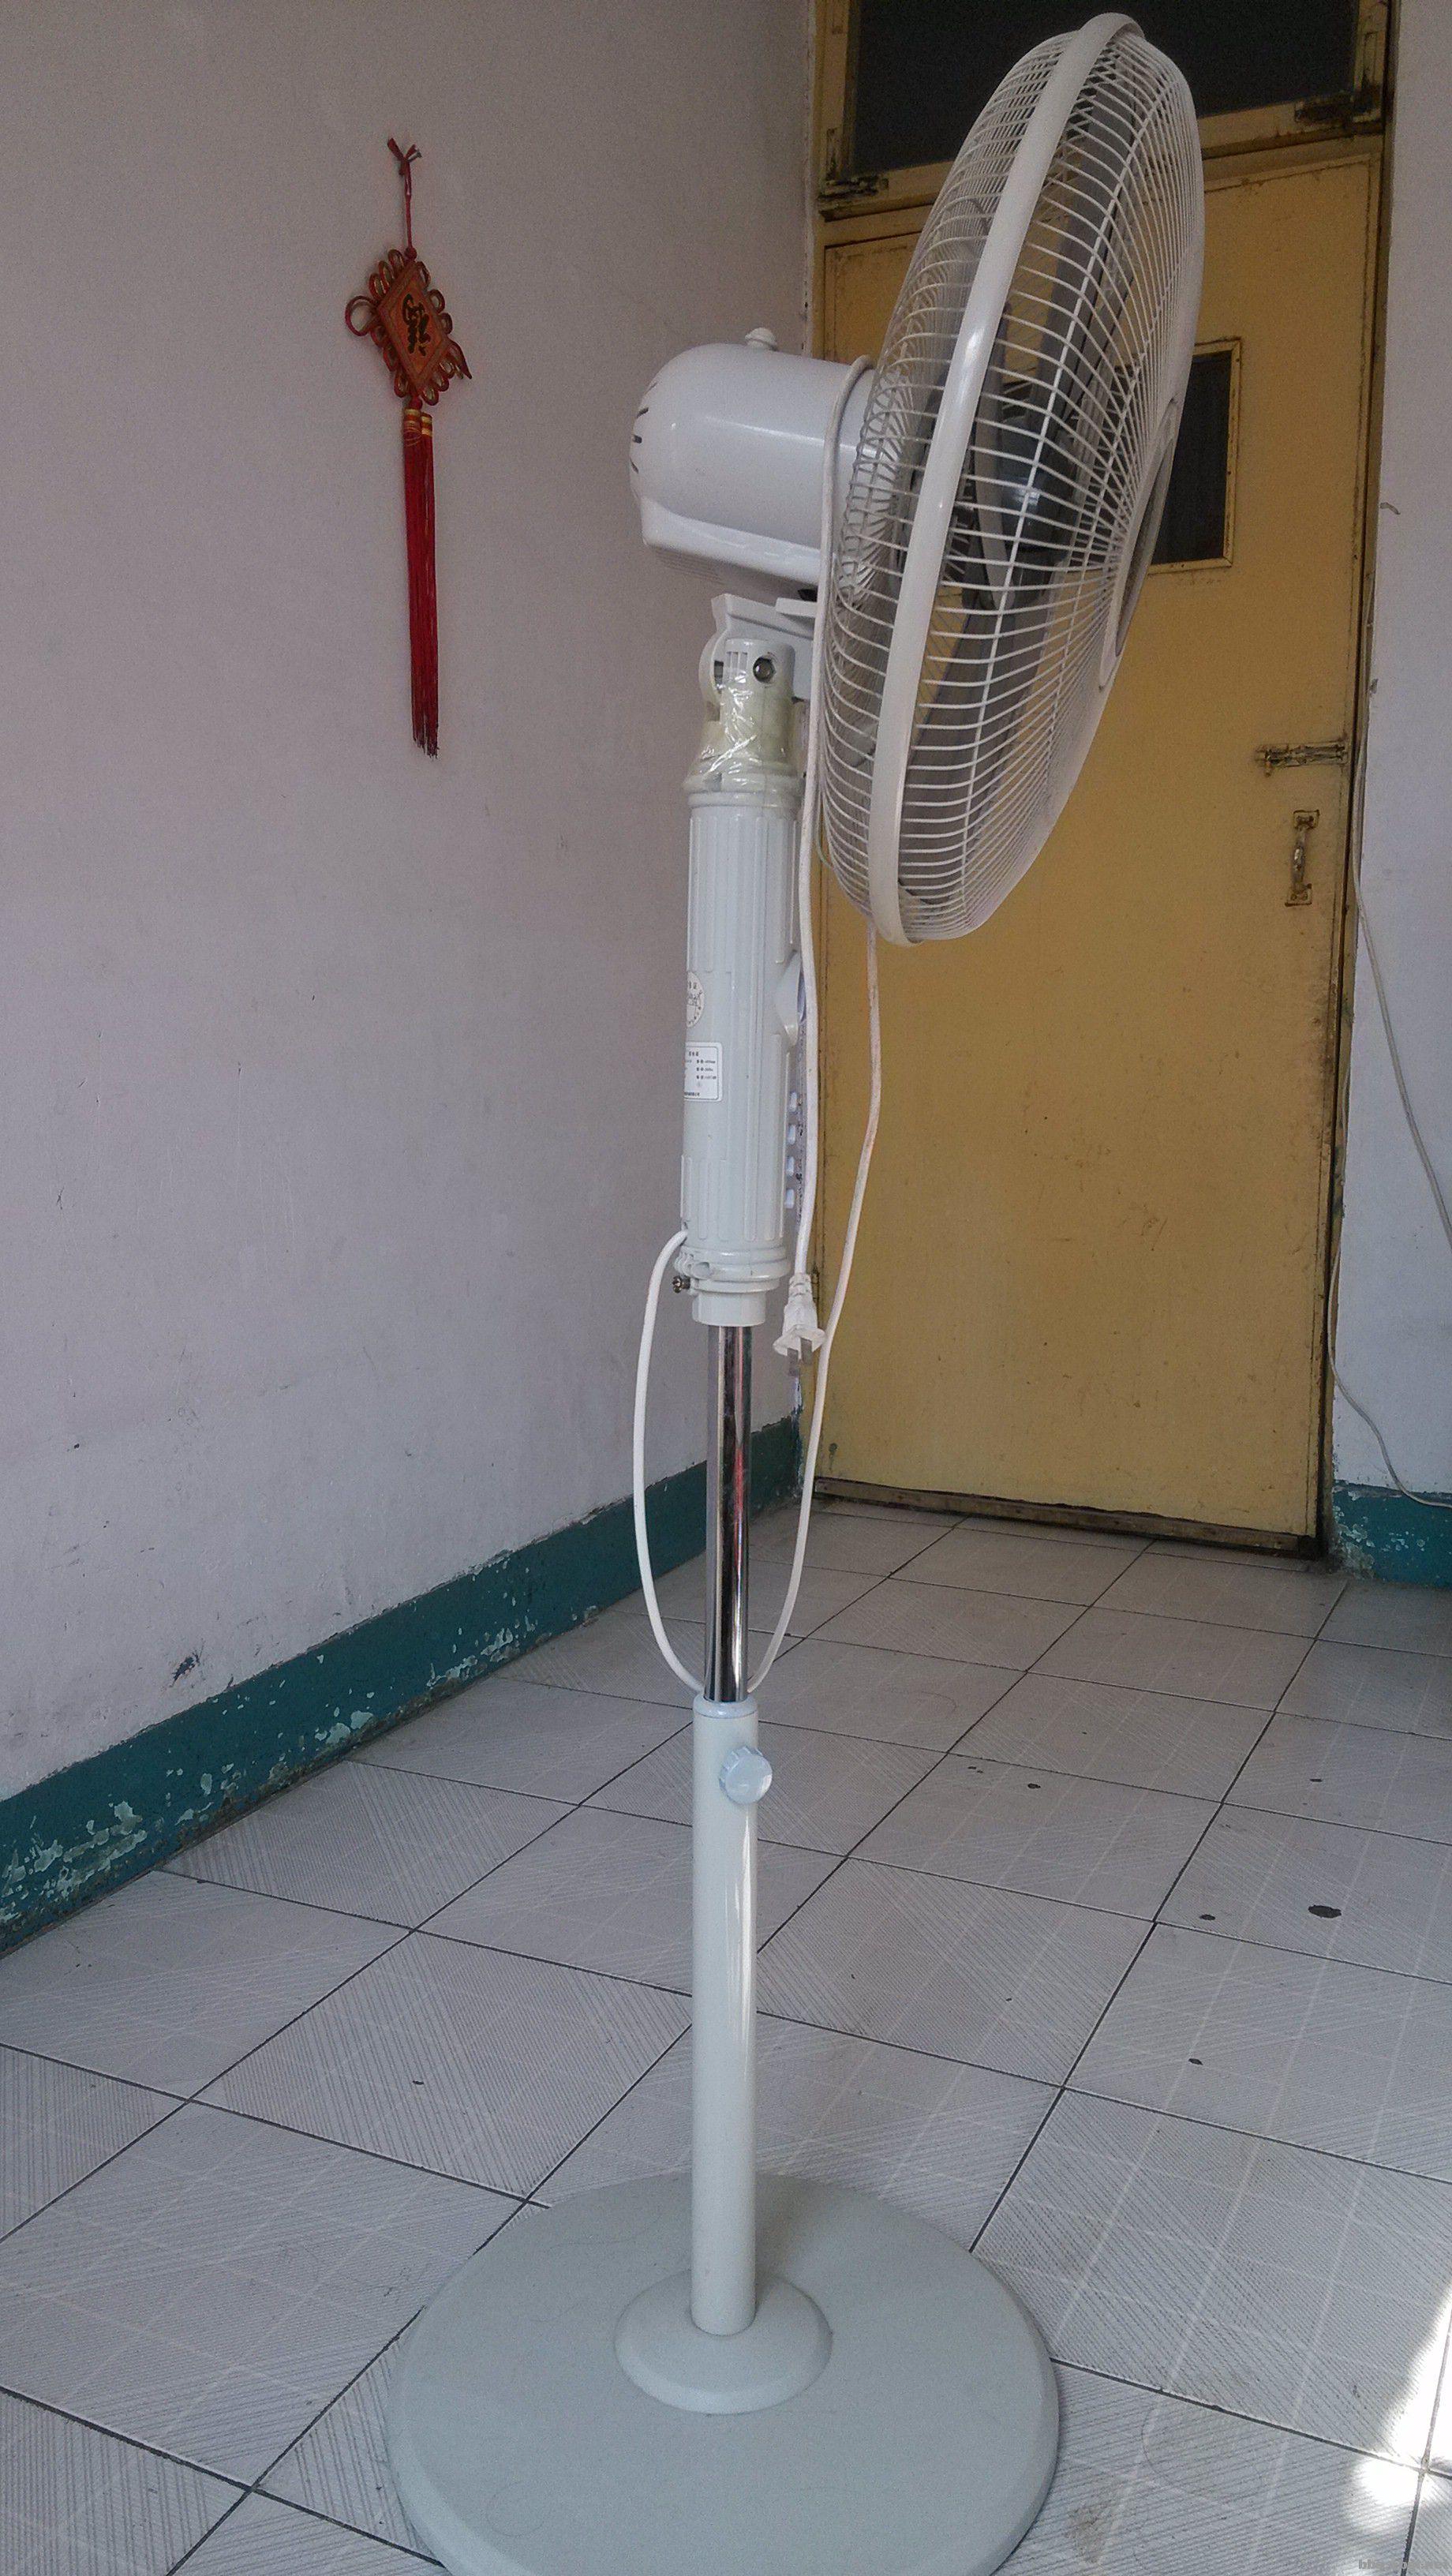 德锦11片电热油汀&电风扇&烘衣架&小凳子